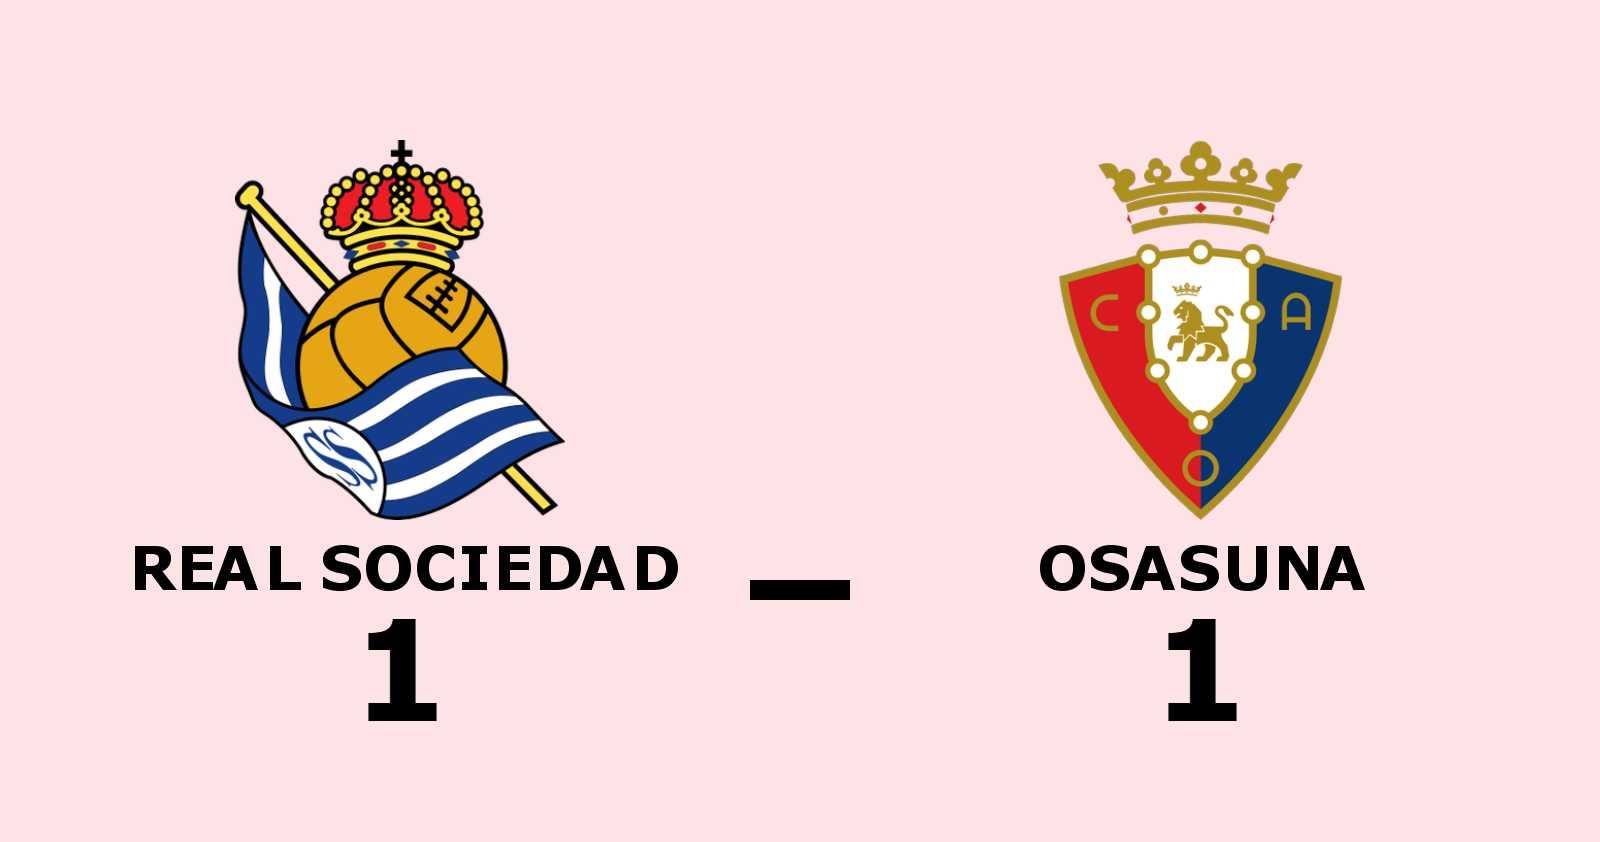 Mikel Oyarzabal räddade poäng när Real Sociedad kryssade mot Osasuna